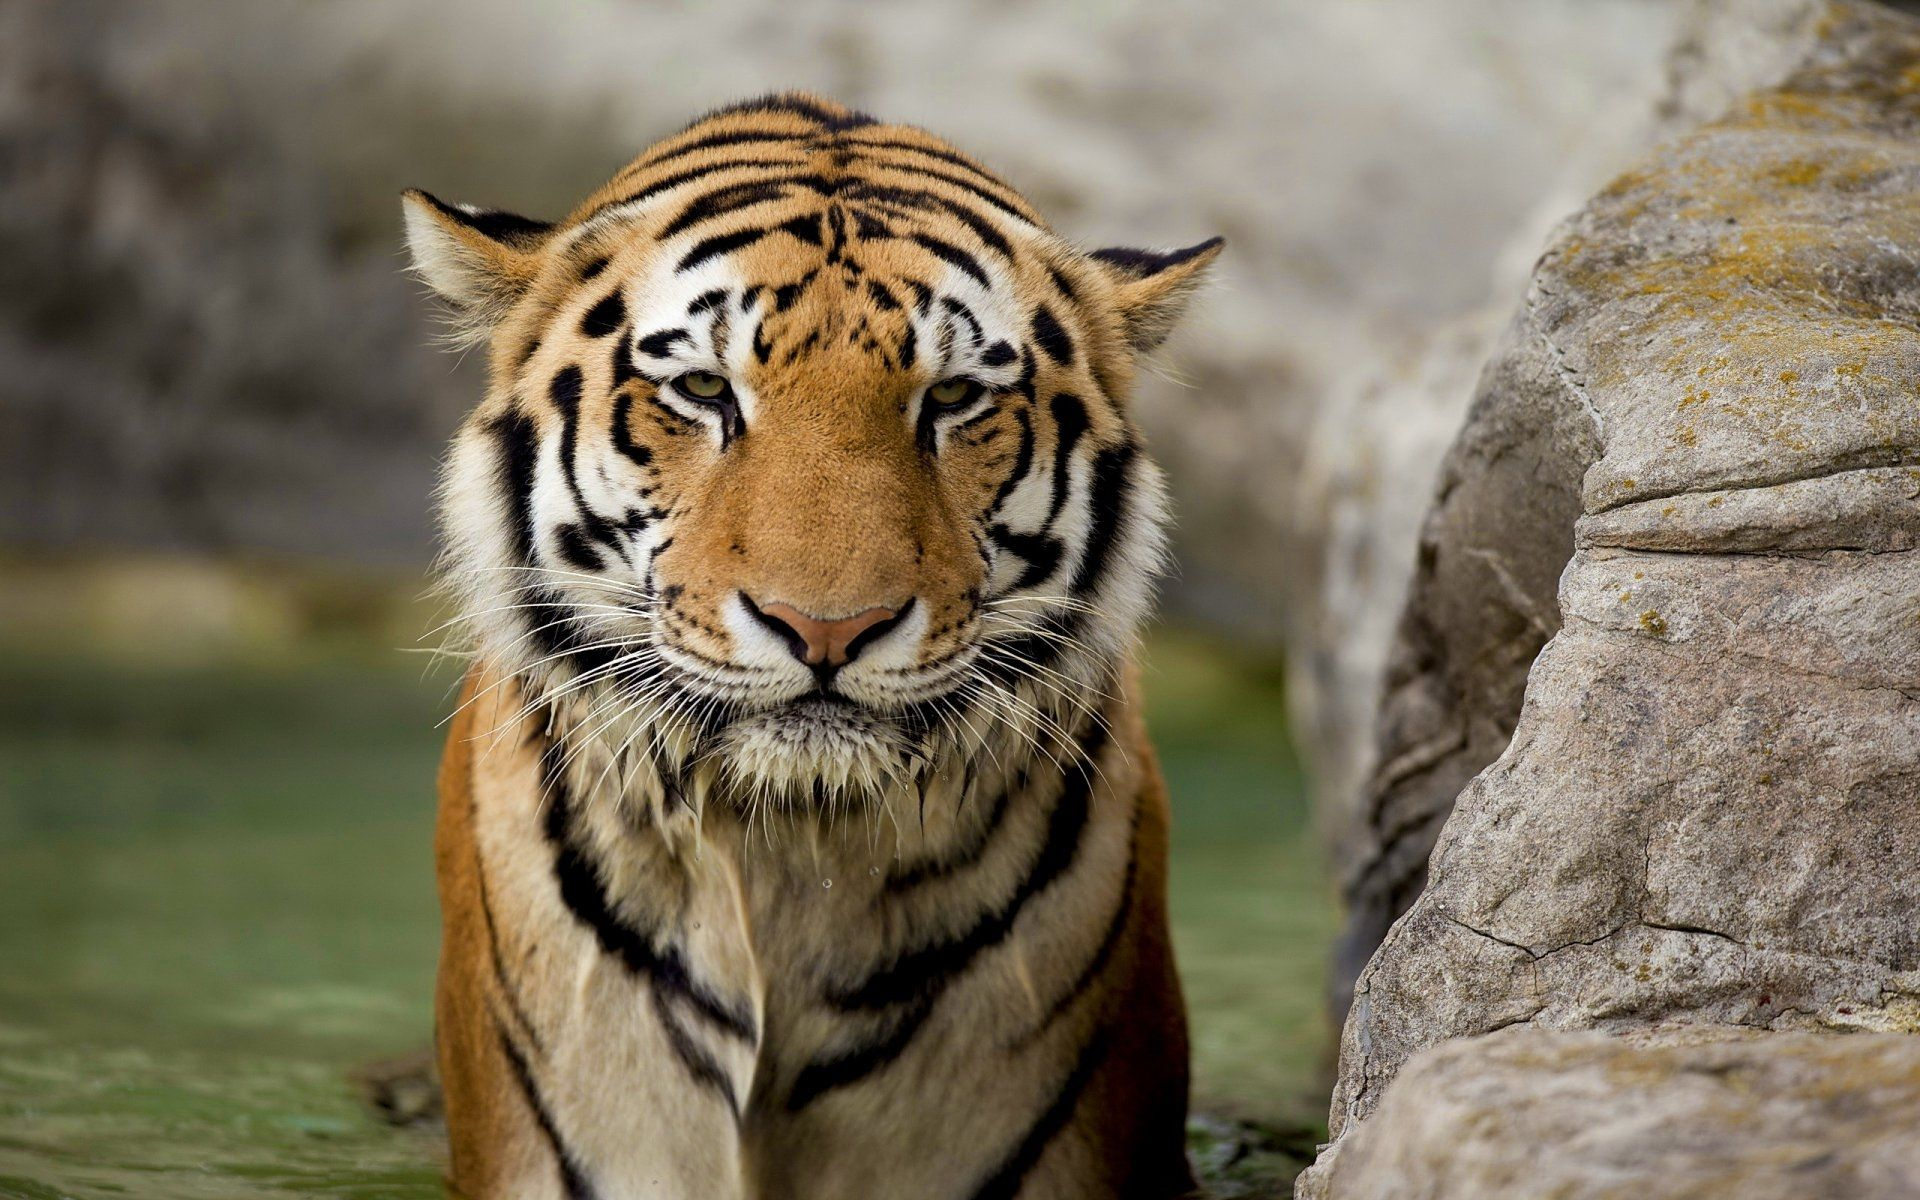 Tiger, Cool Wallpaper